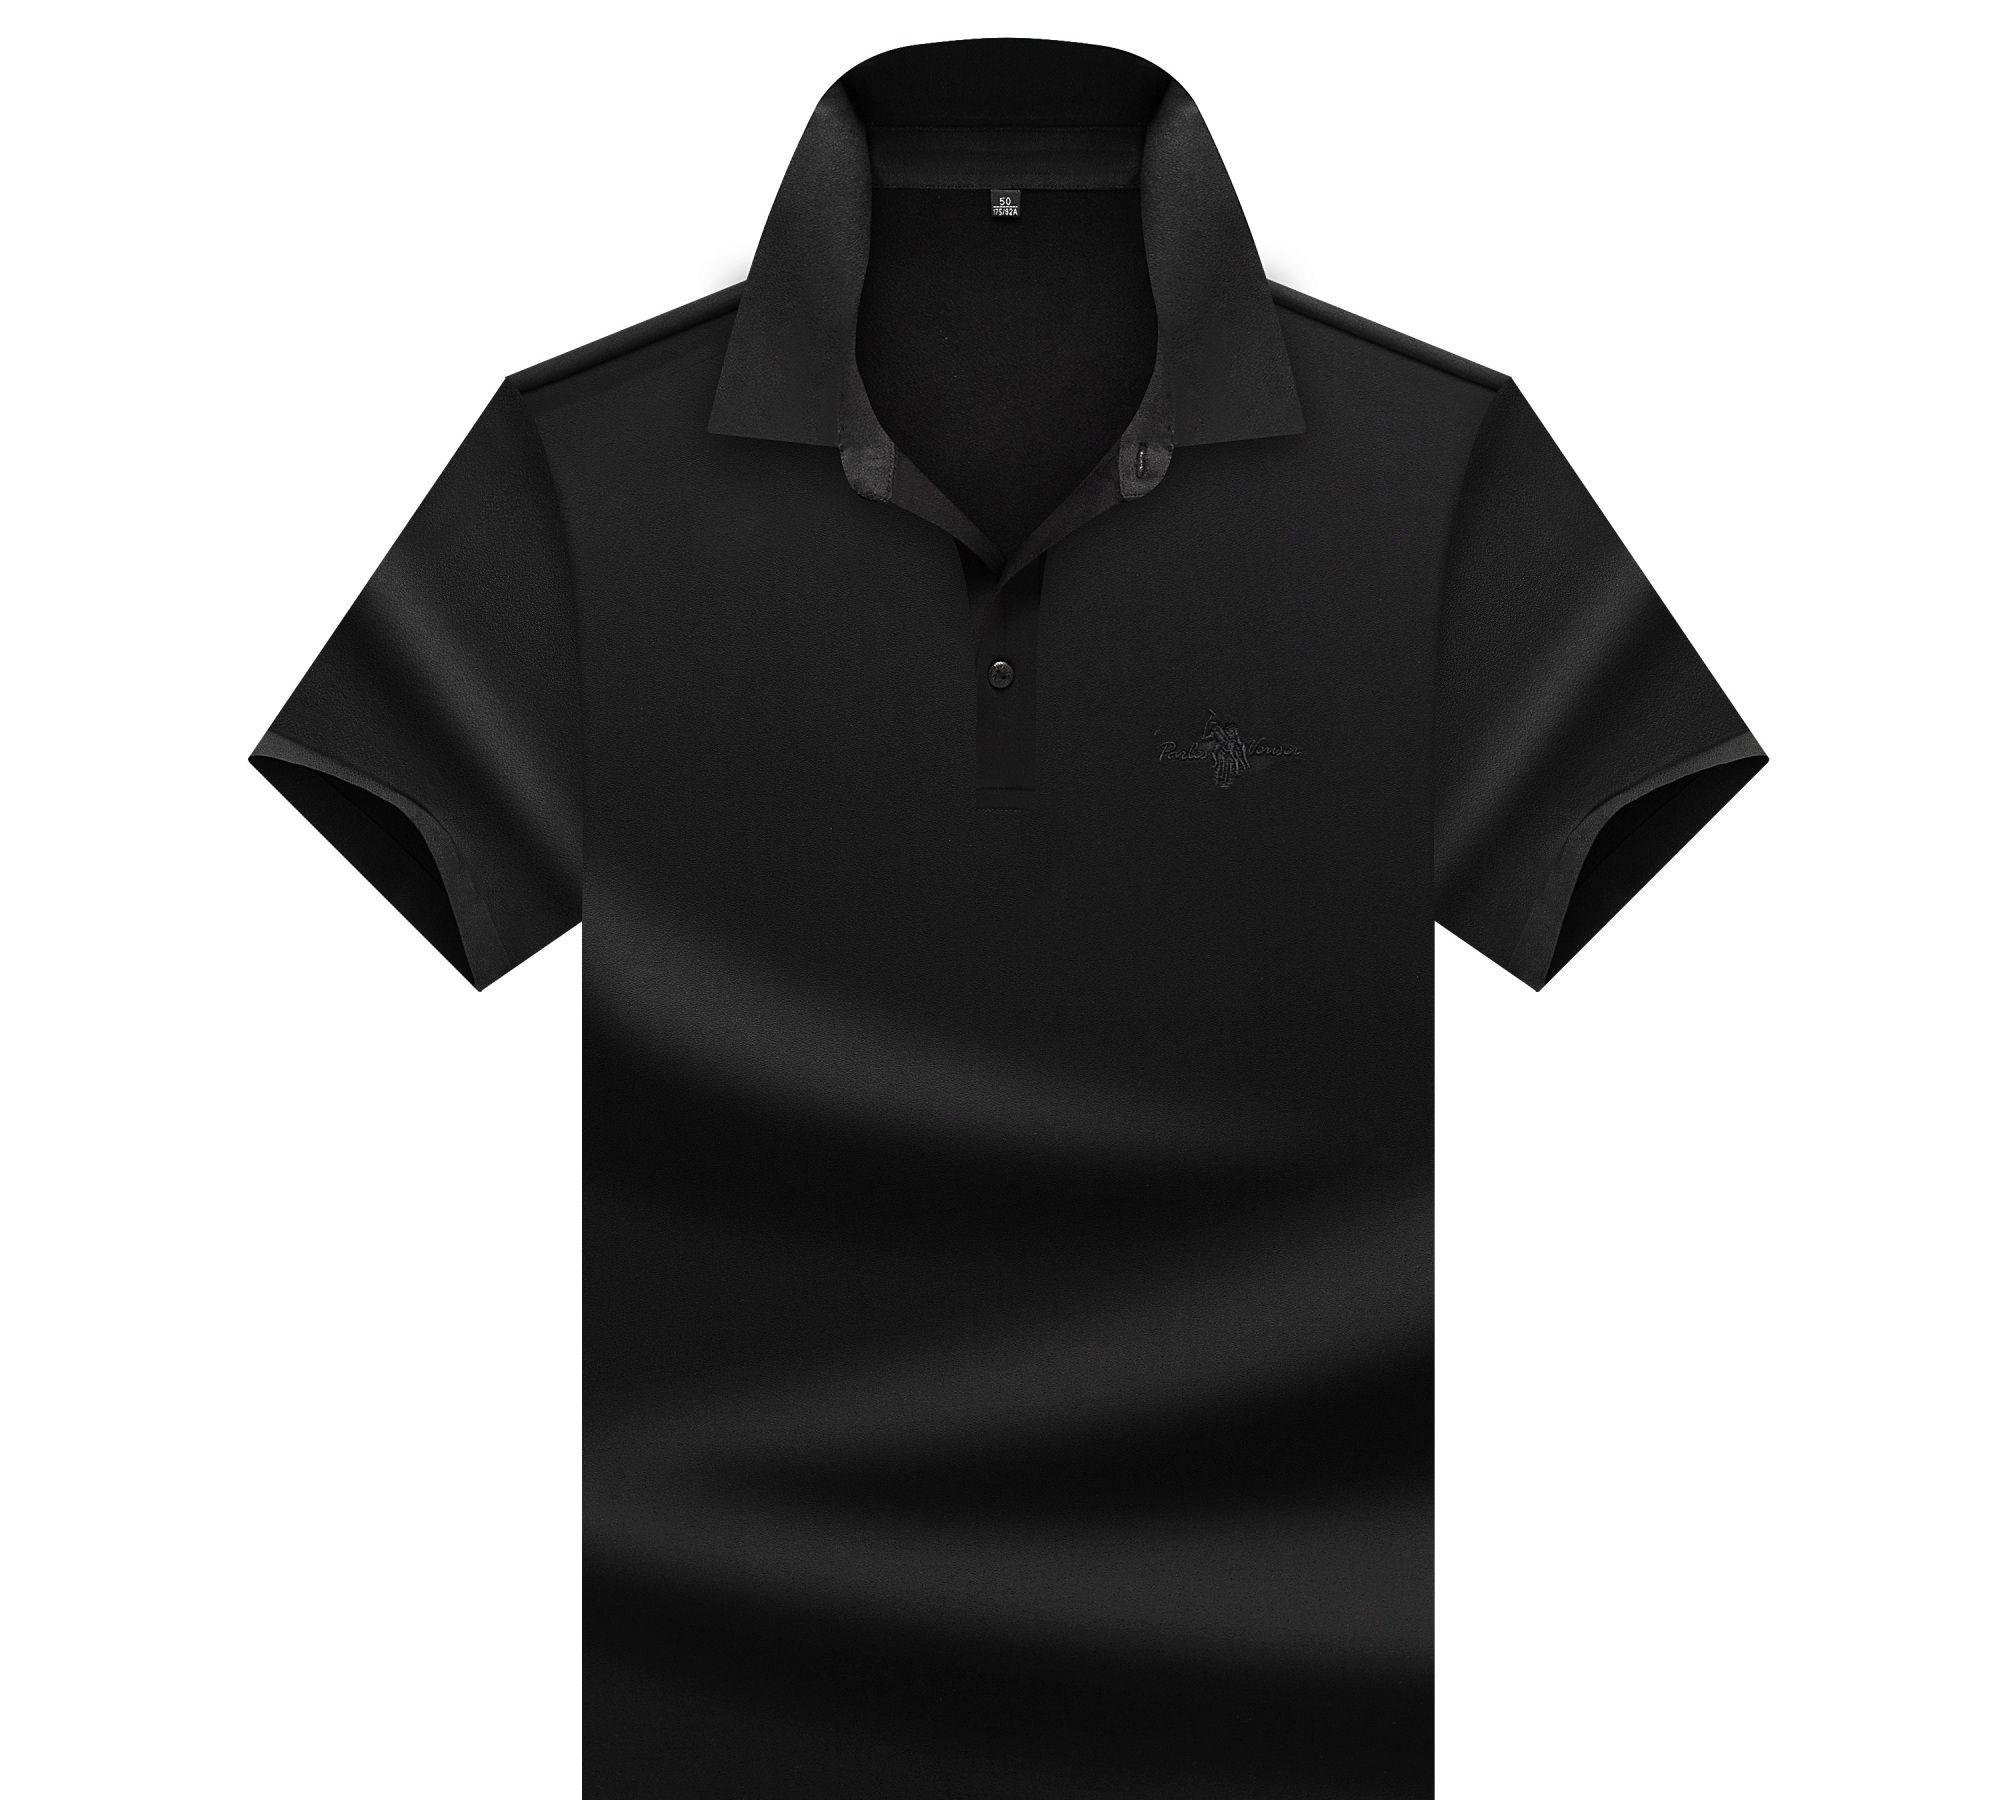 男士短袖翻领体恤,时尚polo衫,夏季男装丝光棉半袖上衣T恤男